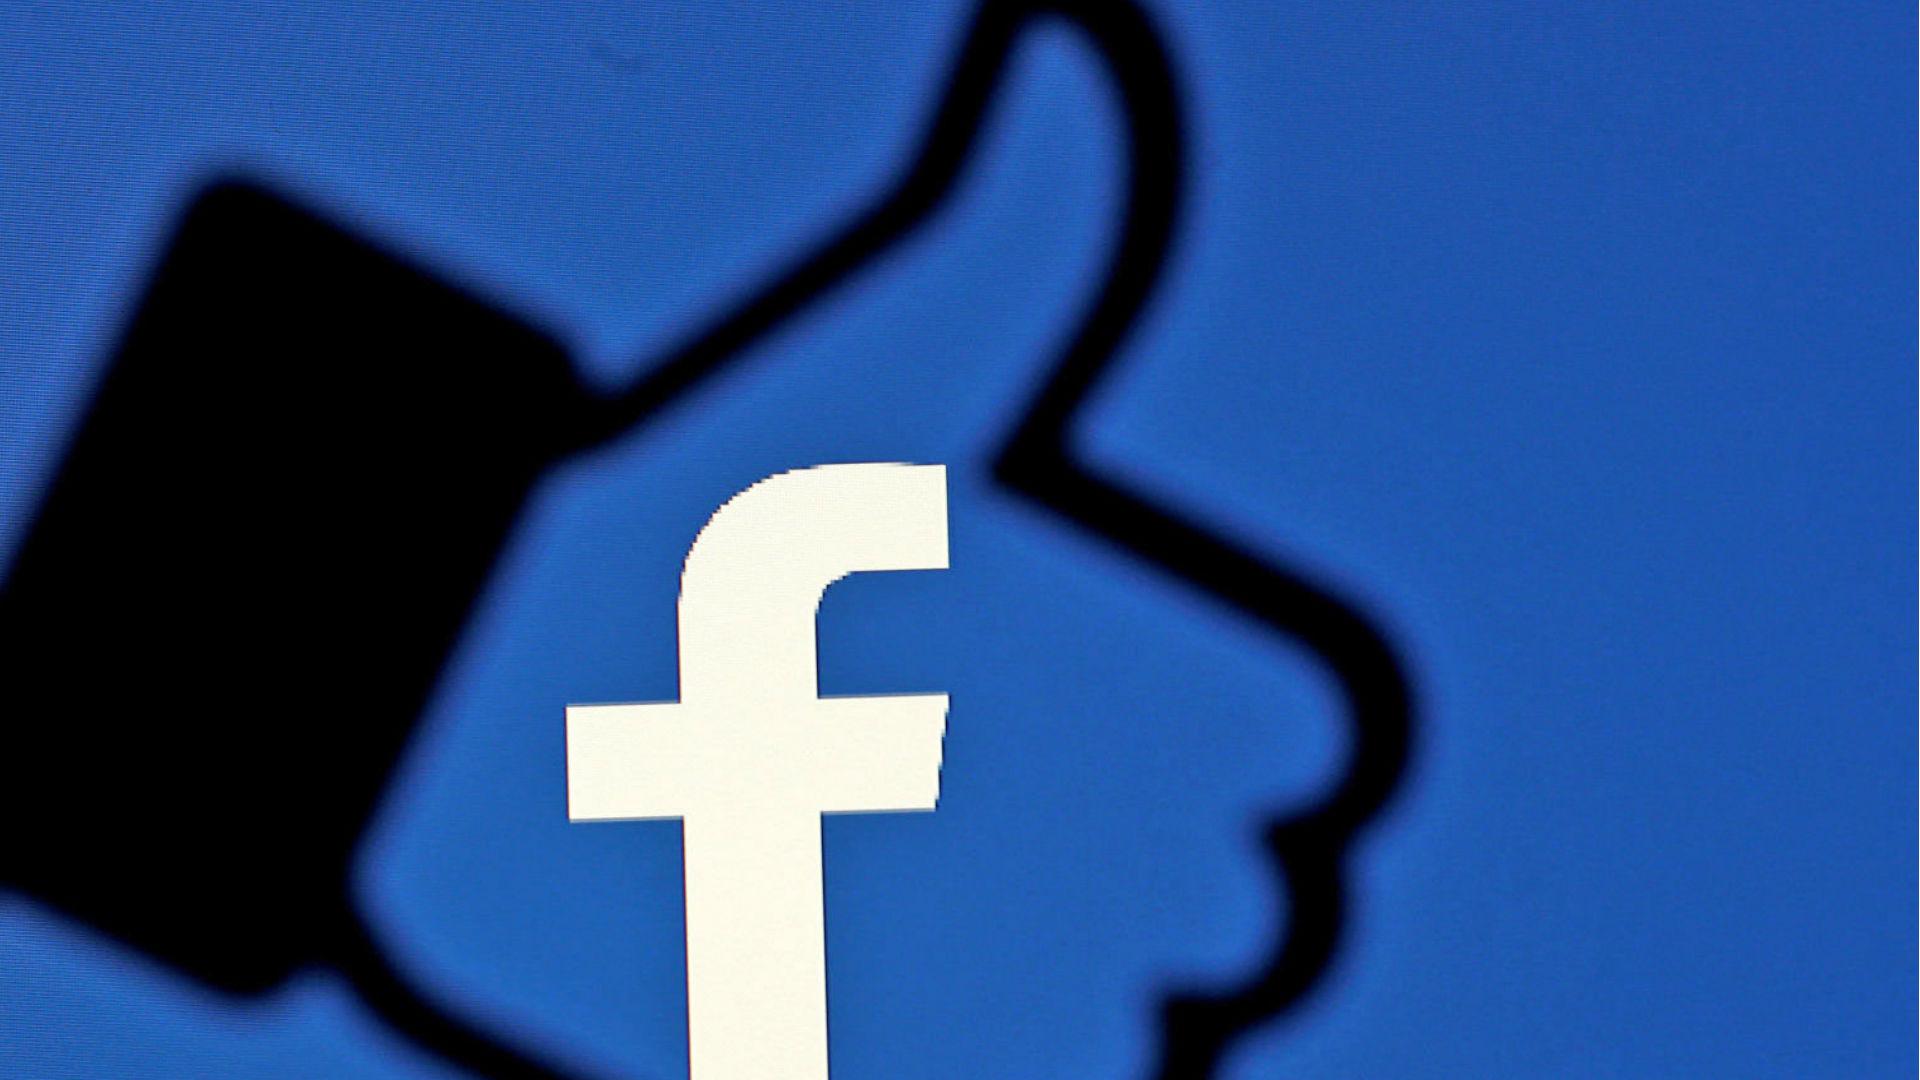 Facebook करने जा रहा है ये बड़ा बदलाव, जिस LIKE के लिए मरते थे लोग, अब खत्म होने जा रहा है उसका खेल